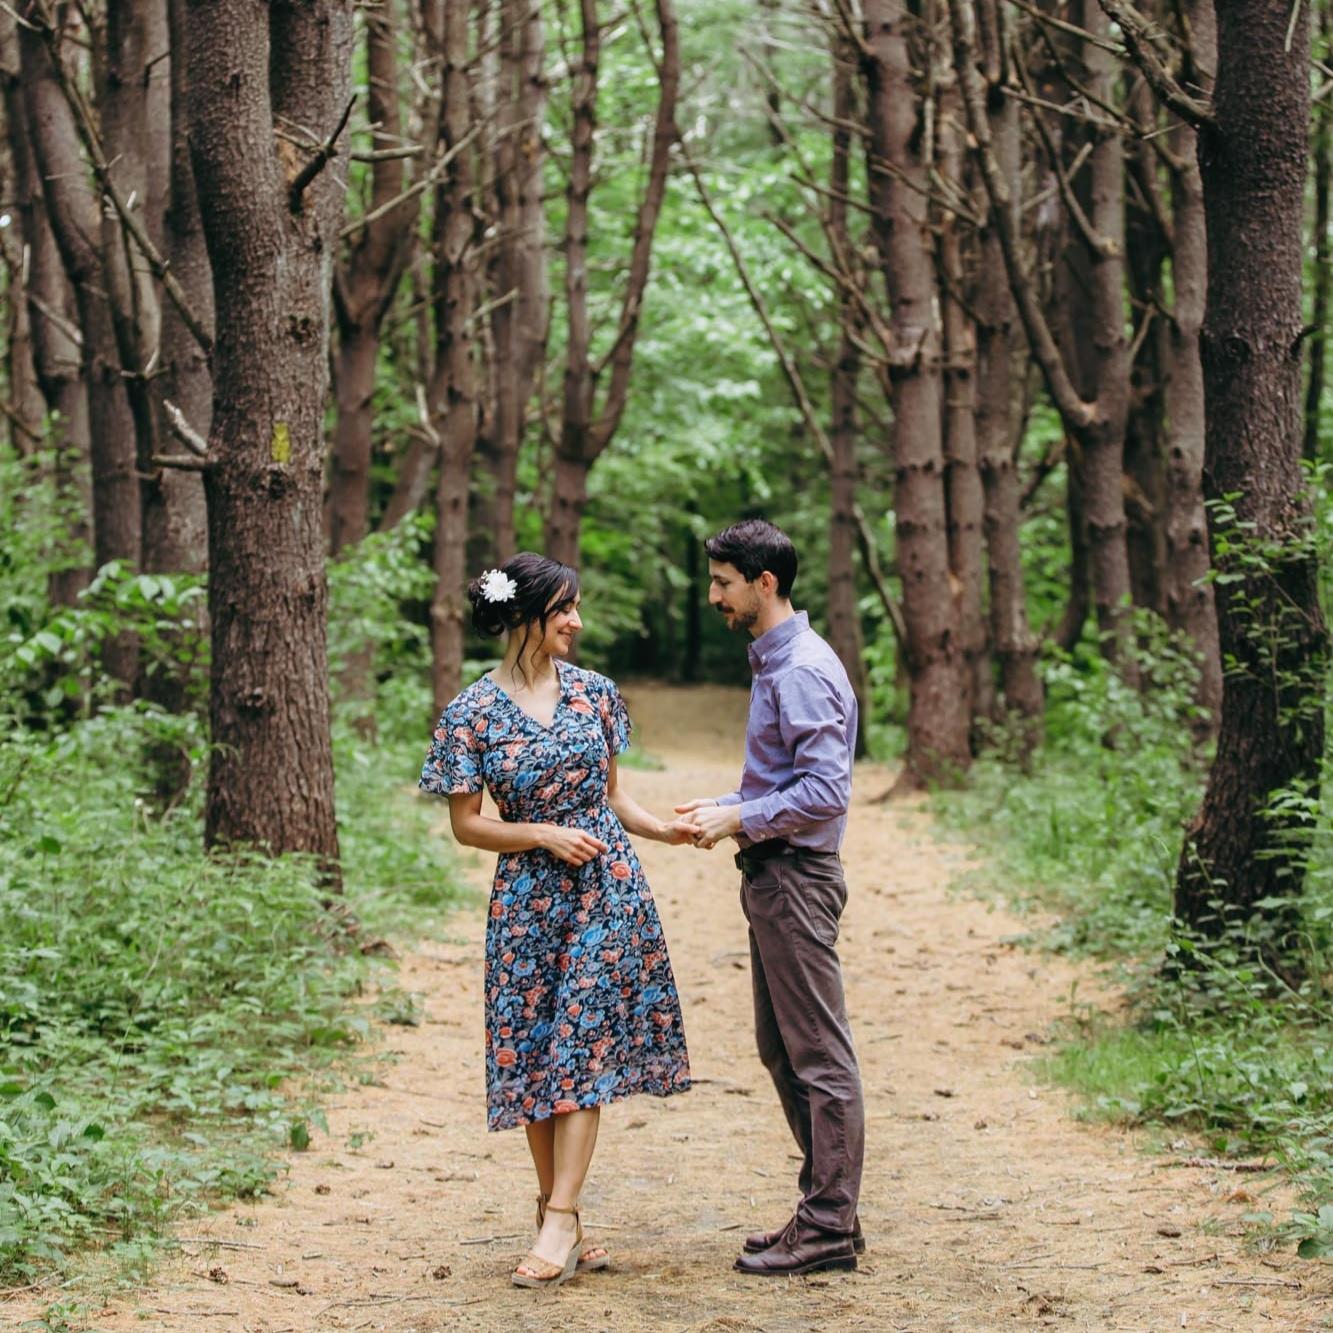 06-15-19_Hannah and Andy_34.jpg